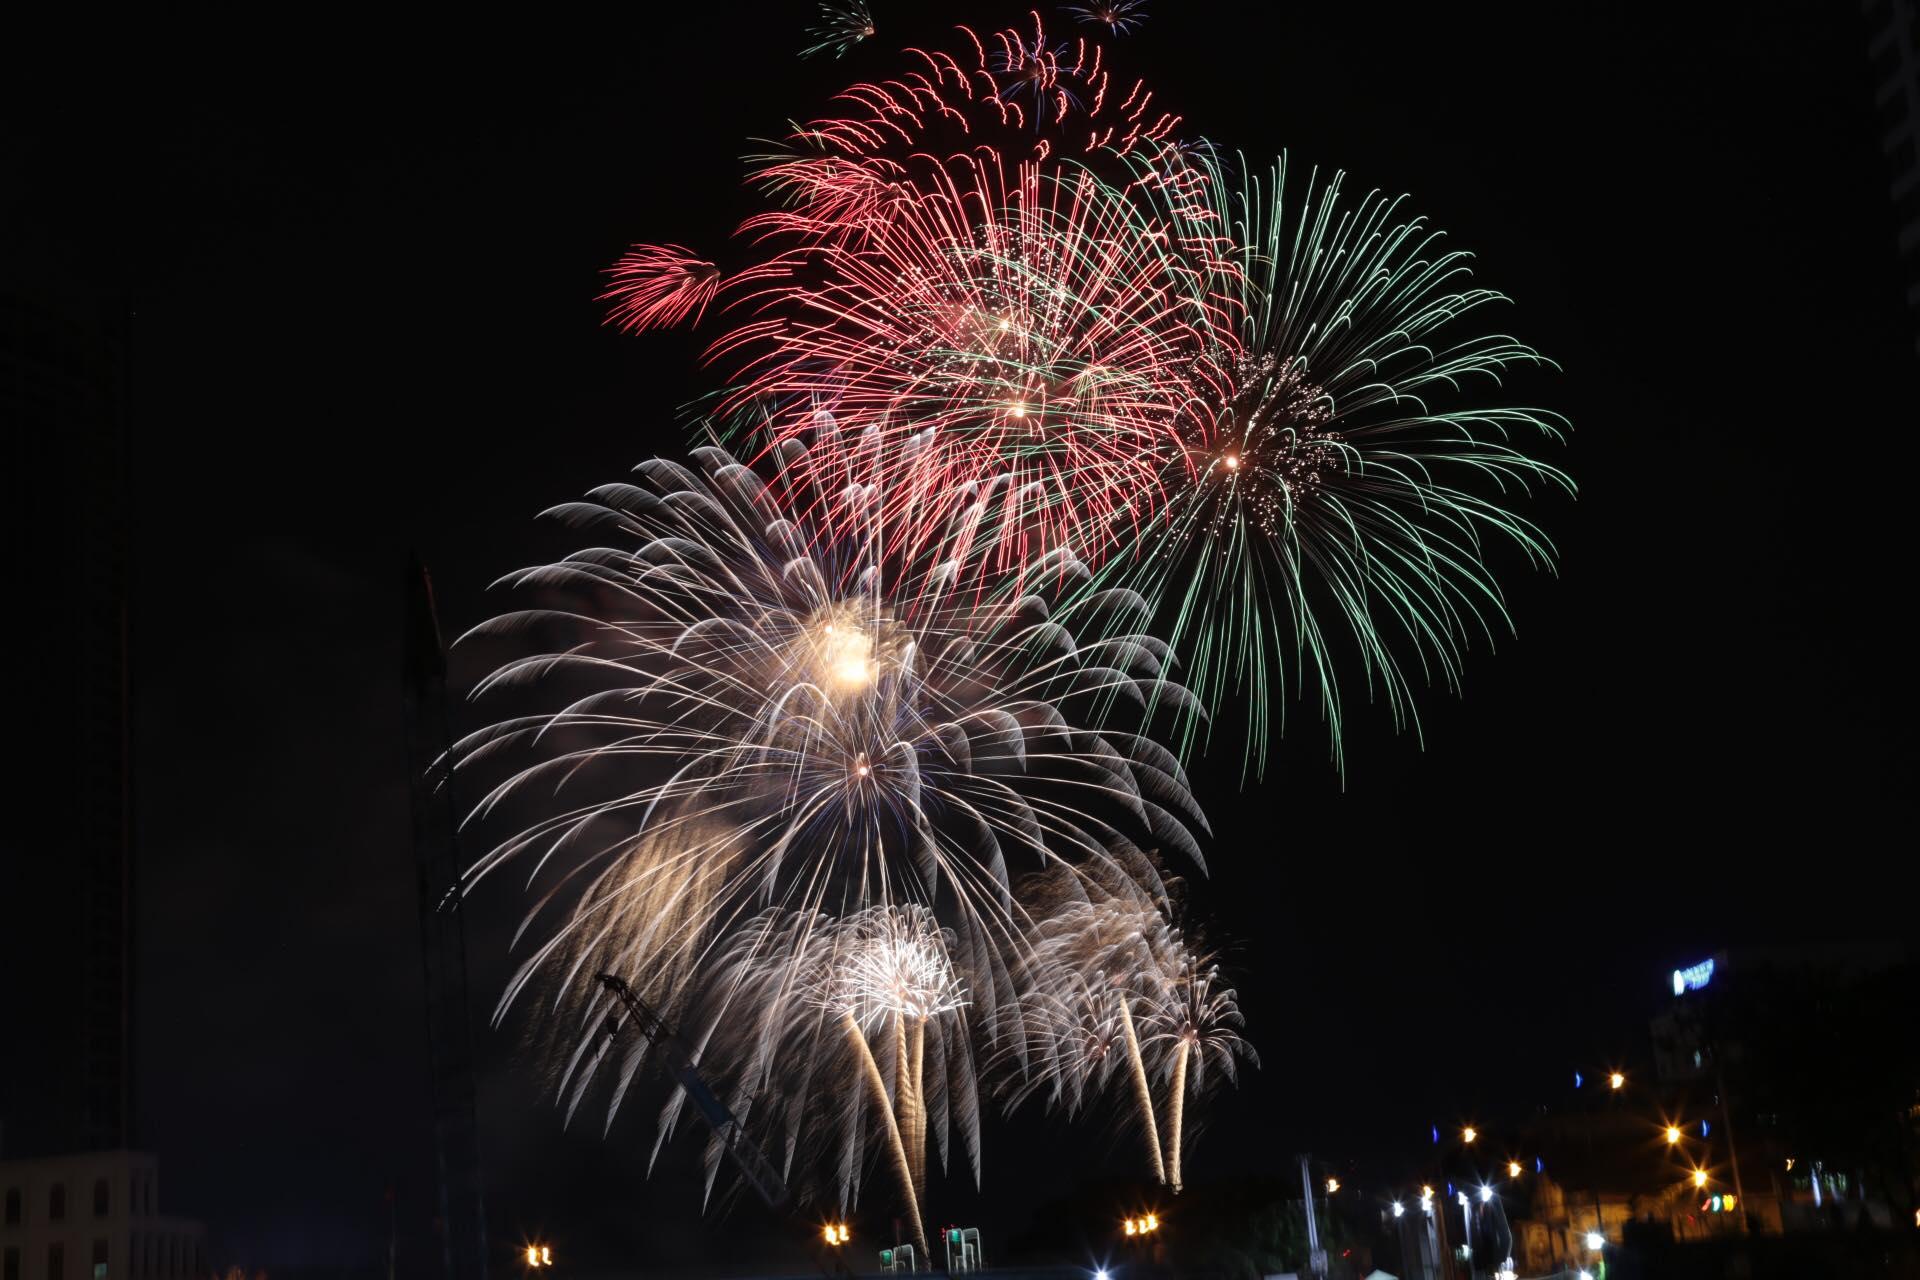 Pháo hoa rực sáng đẹp hút hồn trên bầu trời Sài Gòn, ngàn người vỗ tay tán thưởng - 2